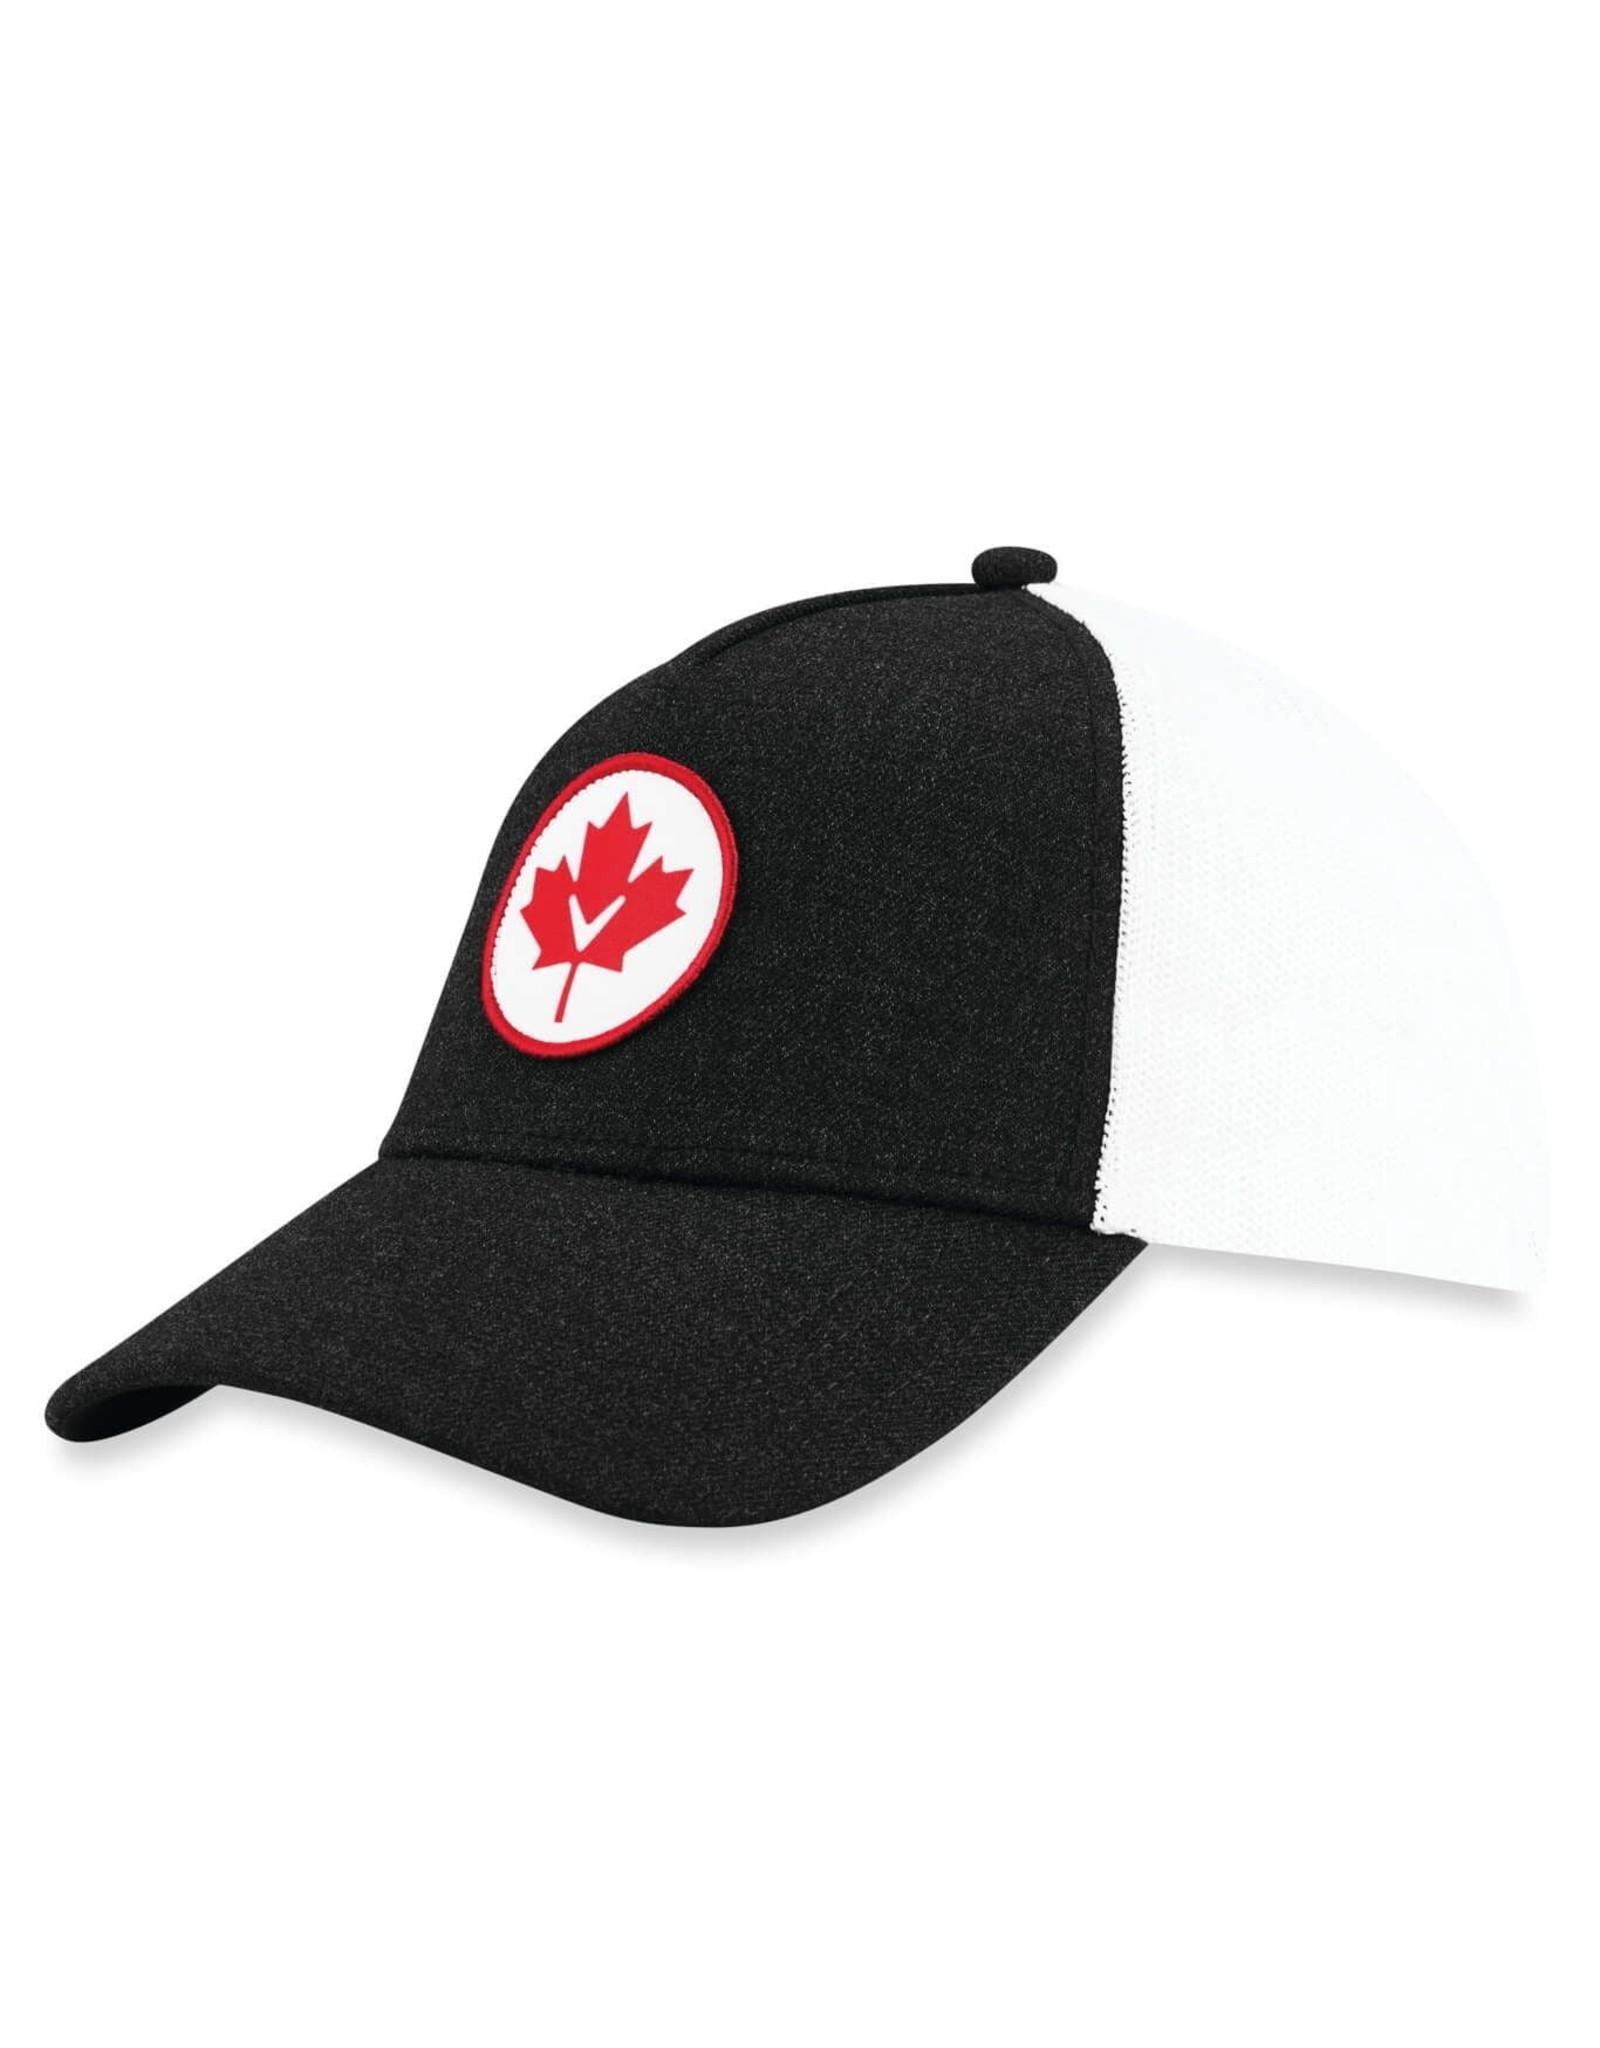 Callaway Callaway State Trucker Hat